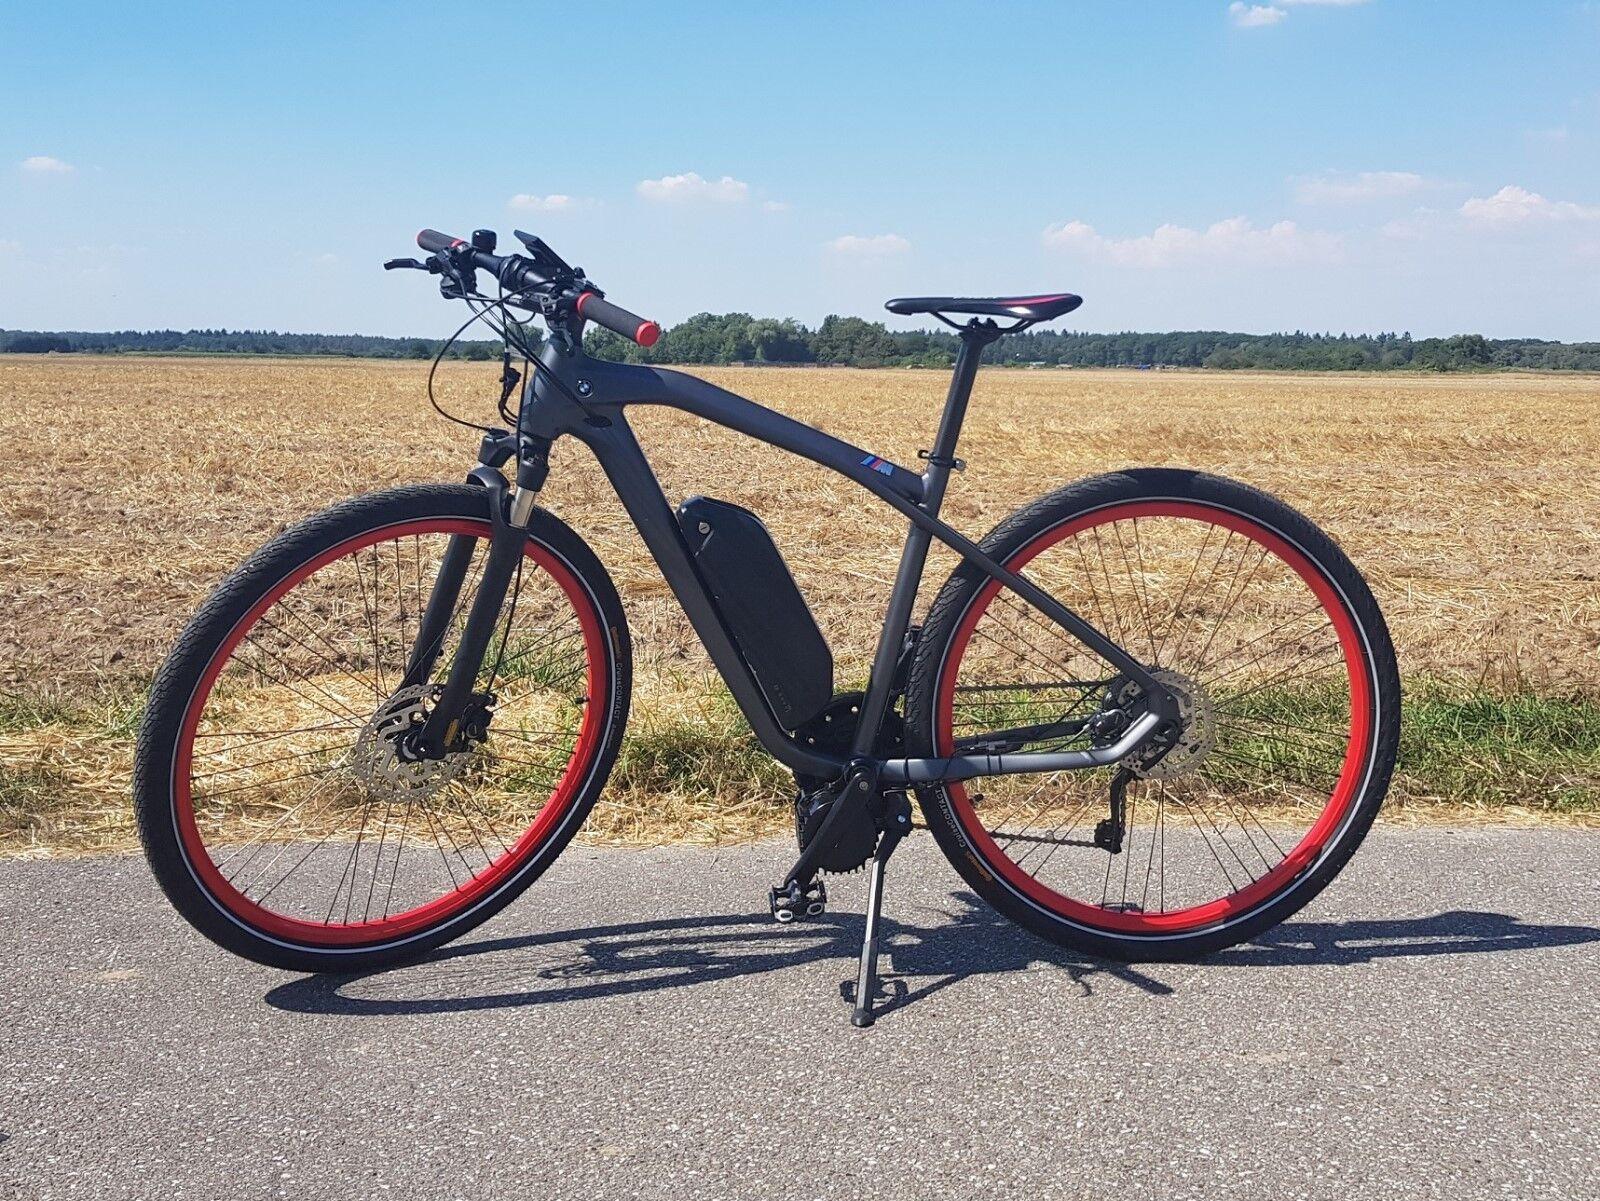 CykeTech BM16 - BMW E-Bike 28Zoll 1600W 160NM 52V >60 >60 52V km/h - Neu mit Rechnung f8bc4b